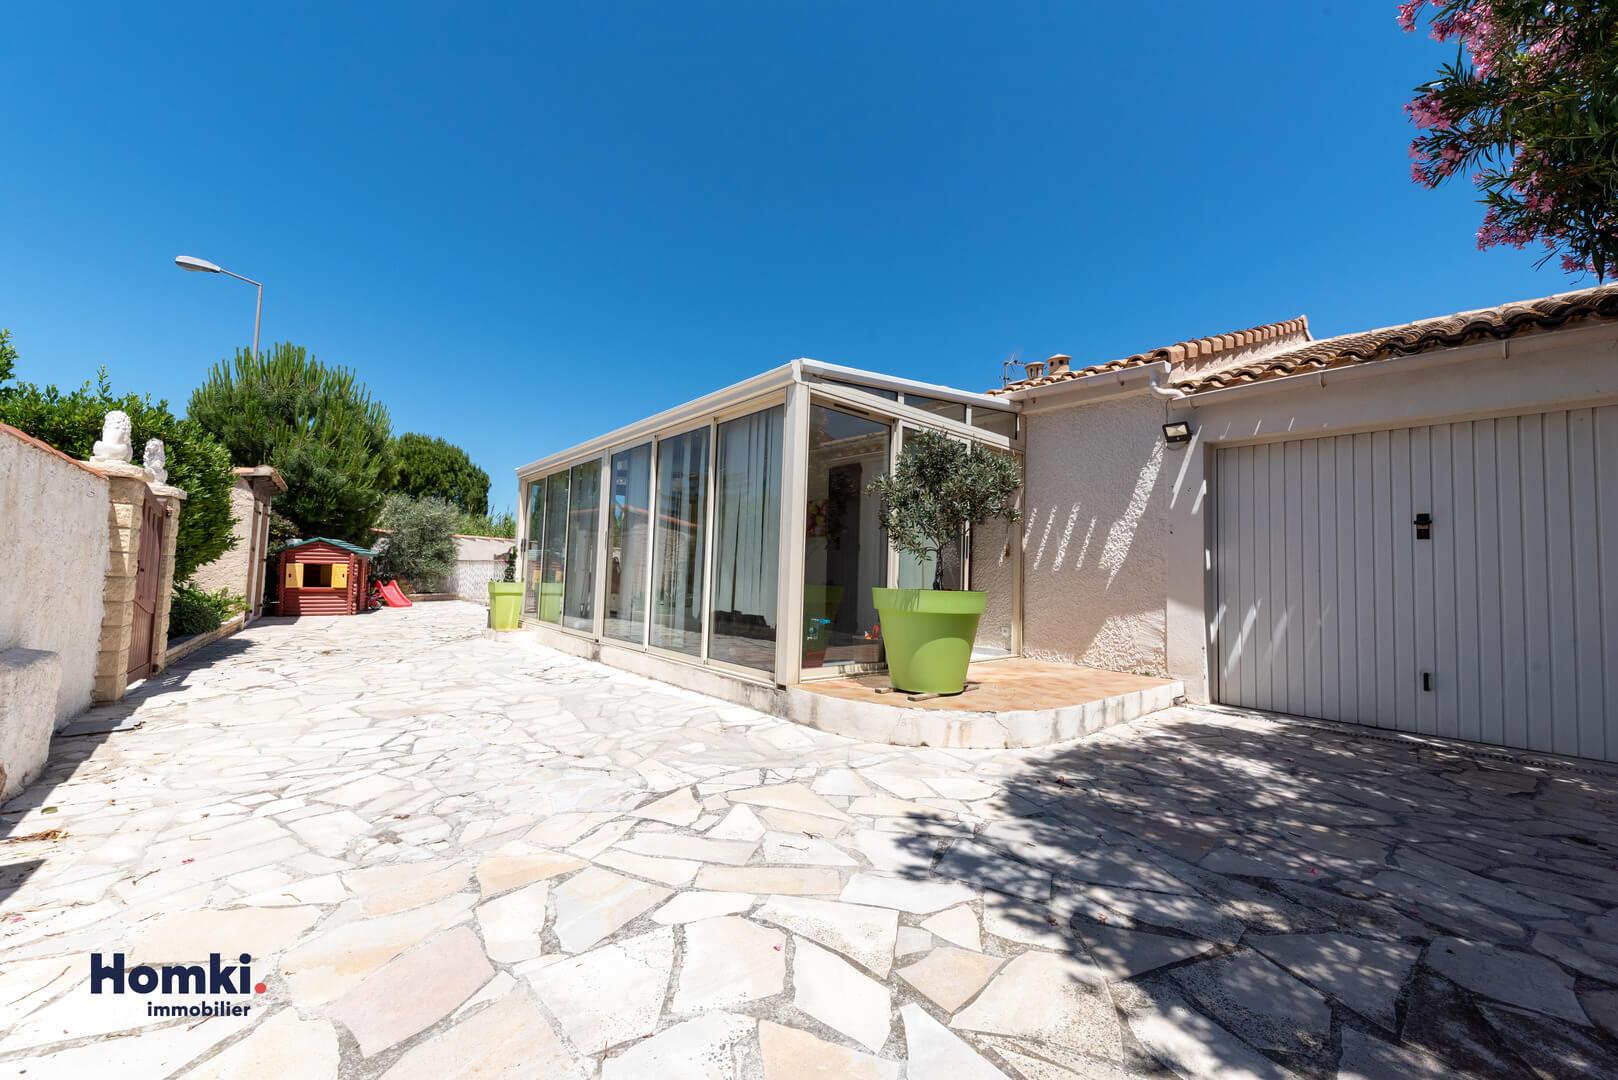 Homki - Vente maison/villa  de 108.0 m² à marignane 13700